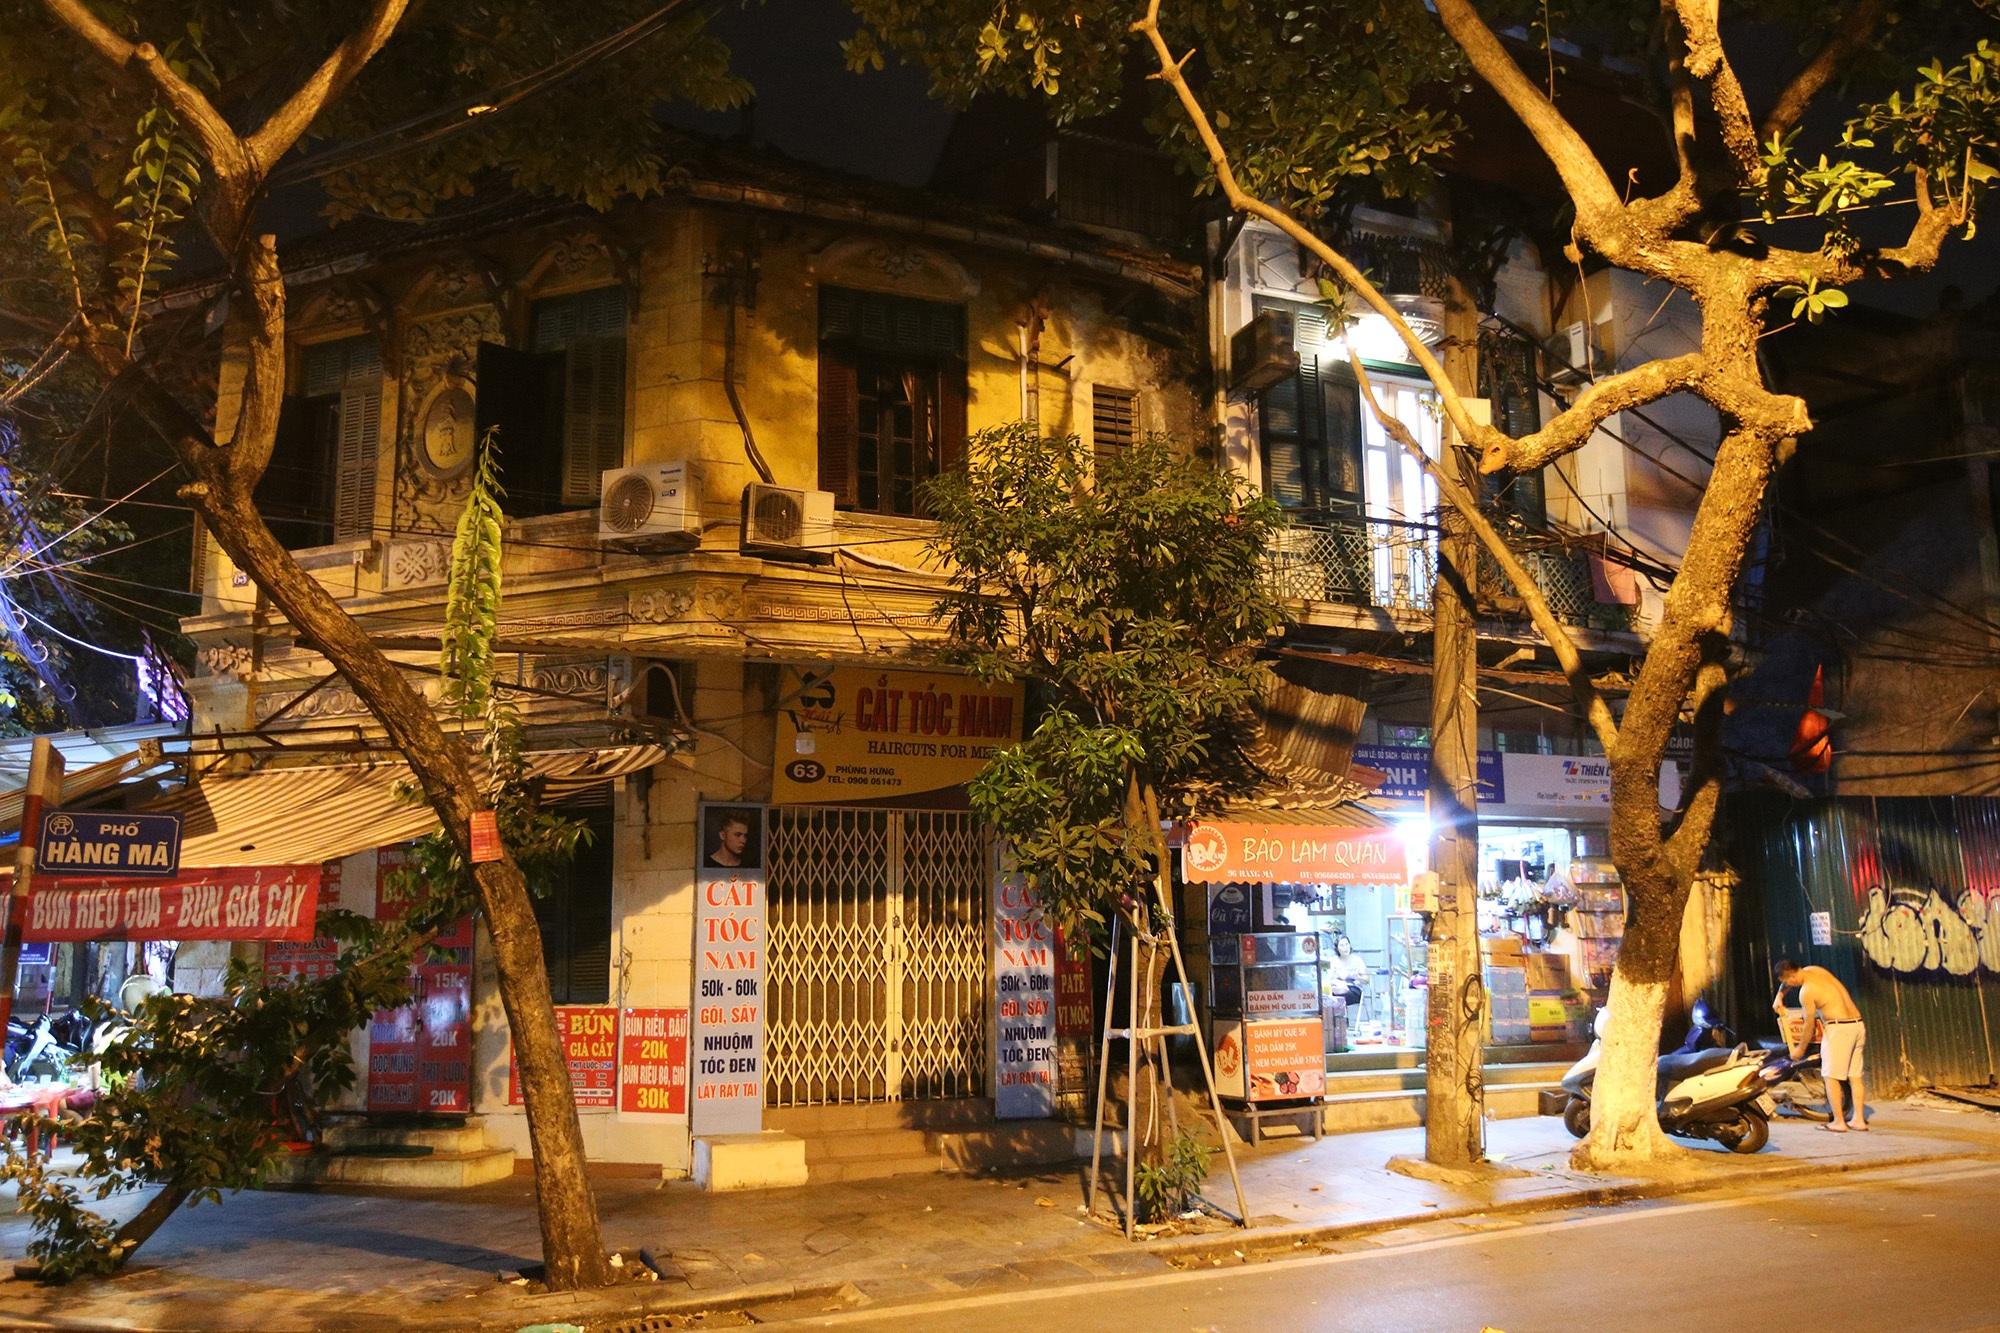 Phố vắng lãng mạn trong đêm ở Hà Nội - 10